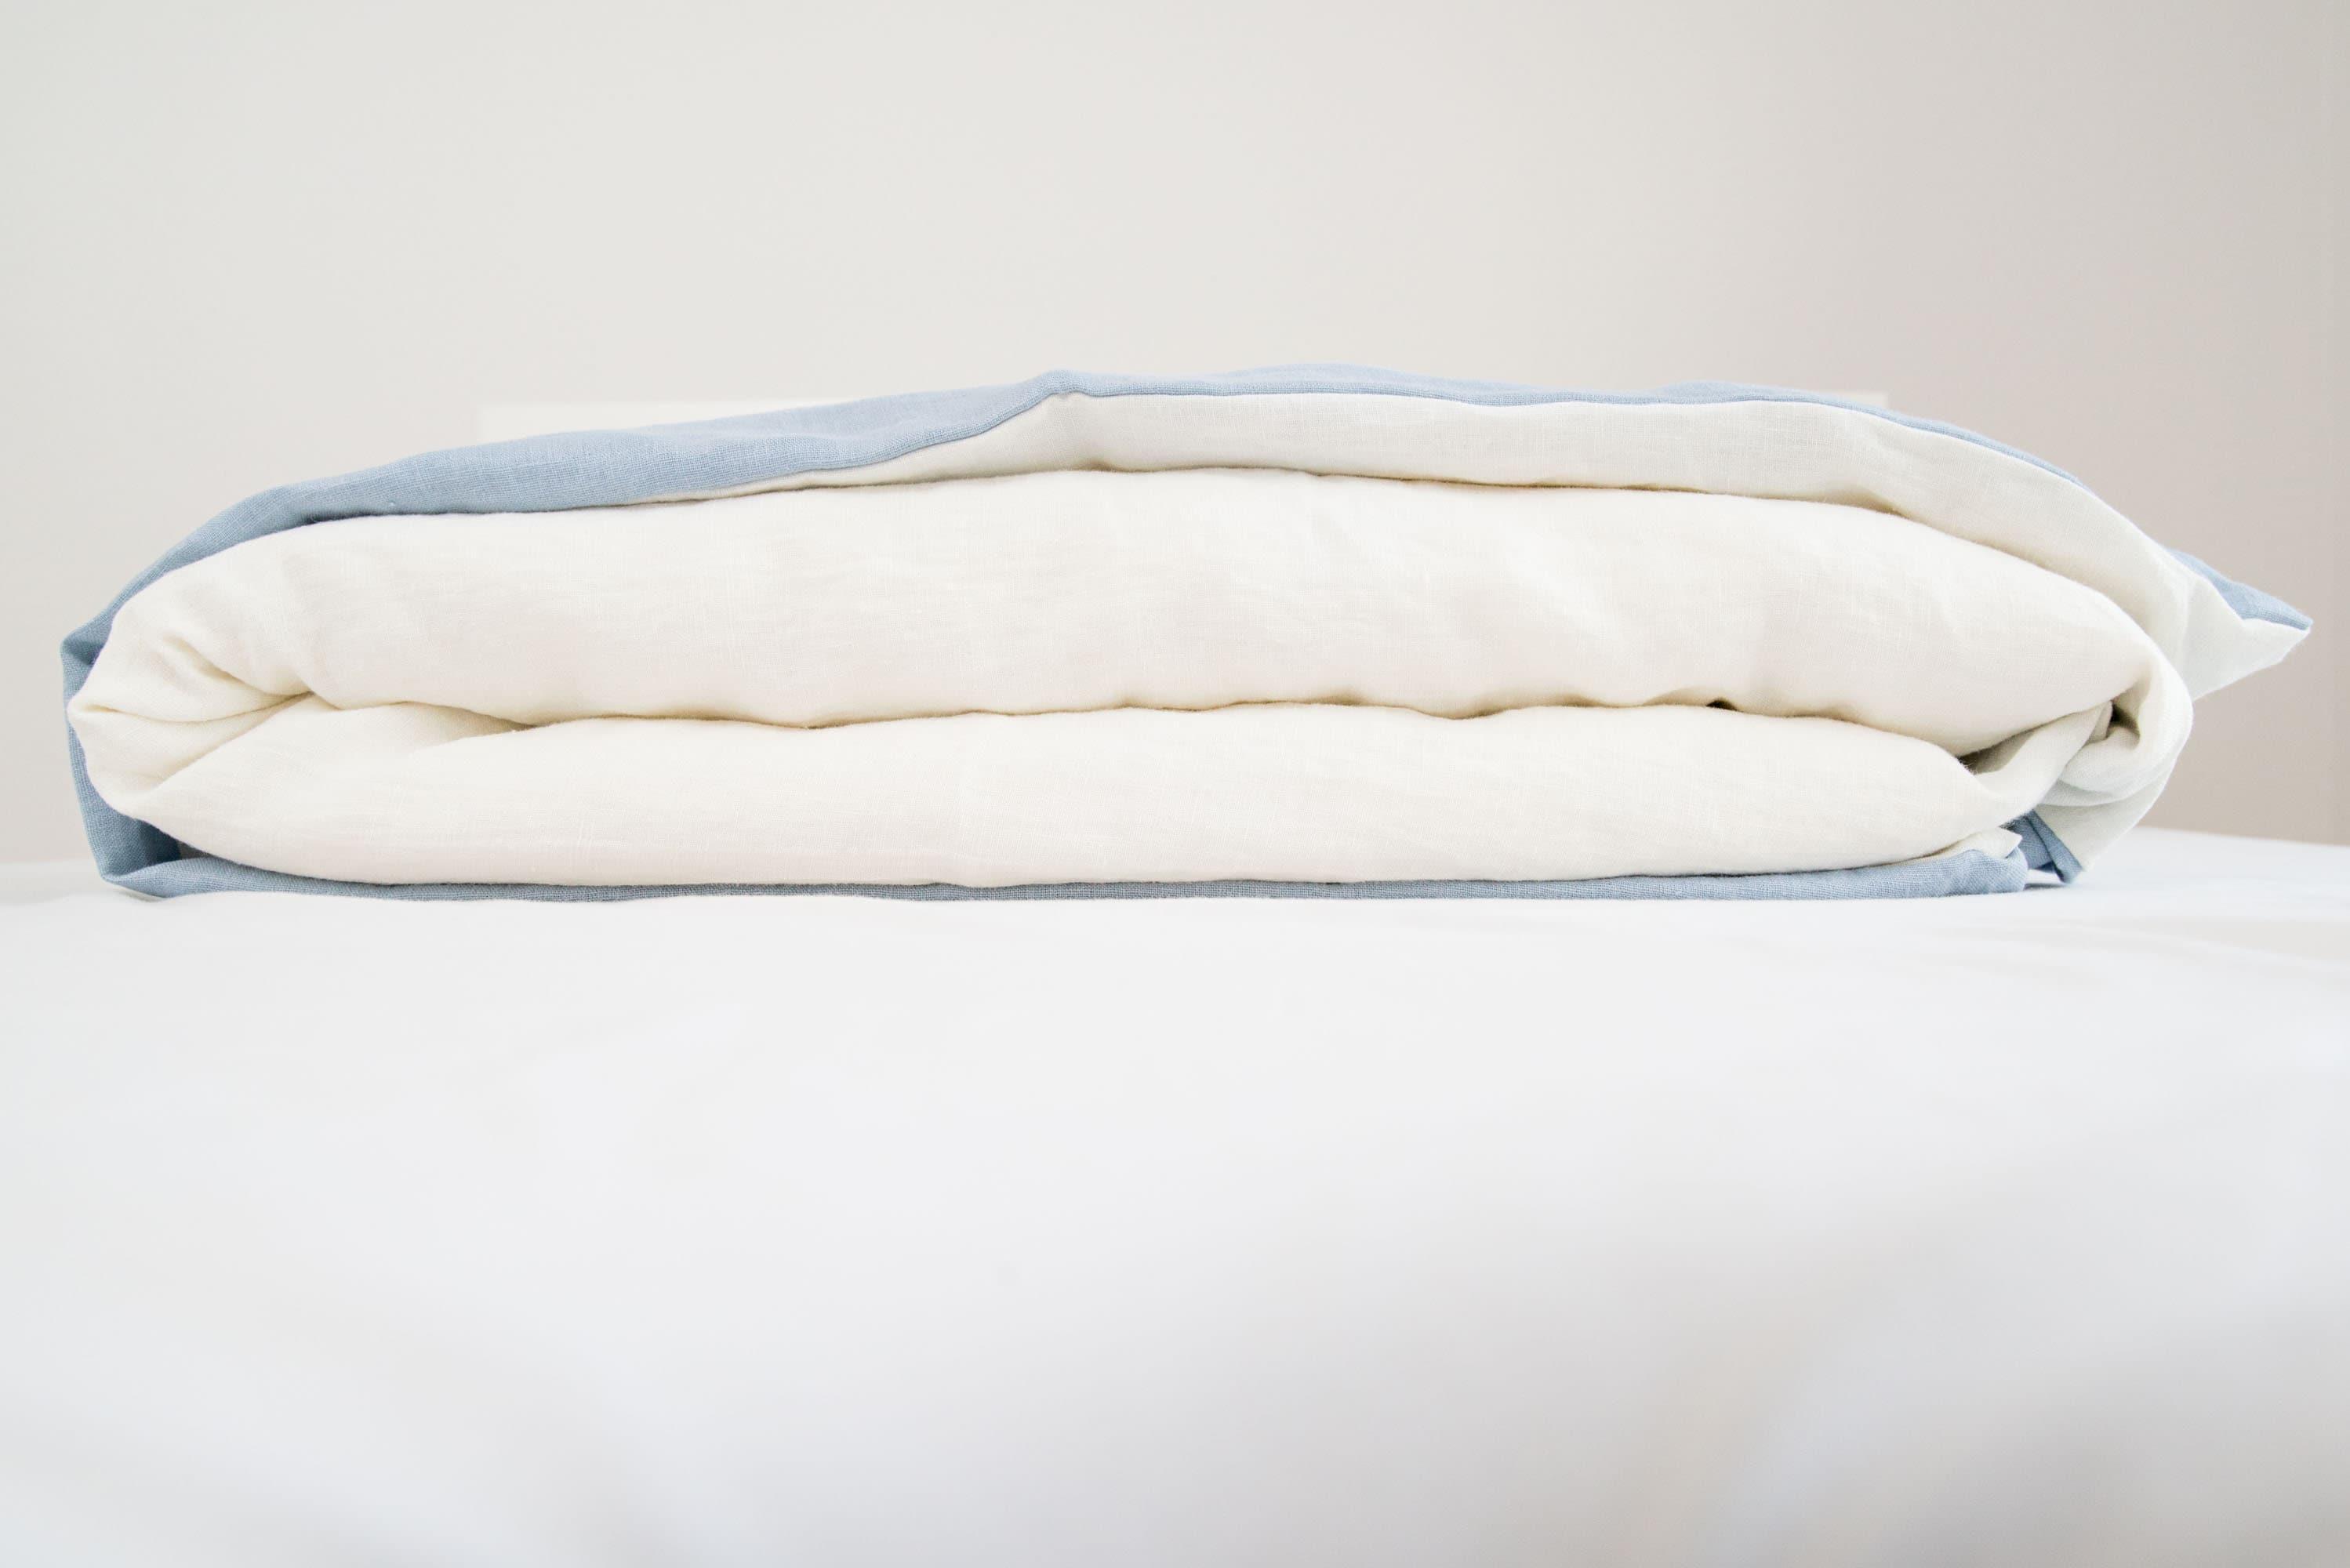 Linge de lin en bleu glace et blanc cassé lavé pour un confort de sommeil supérieur